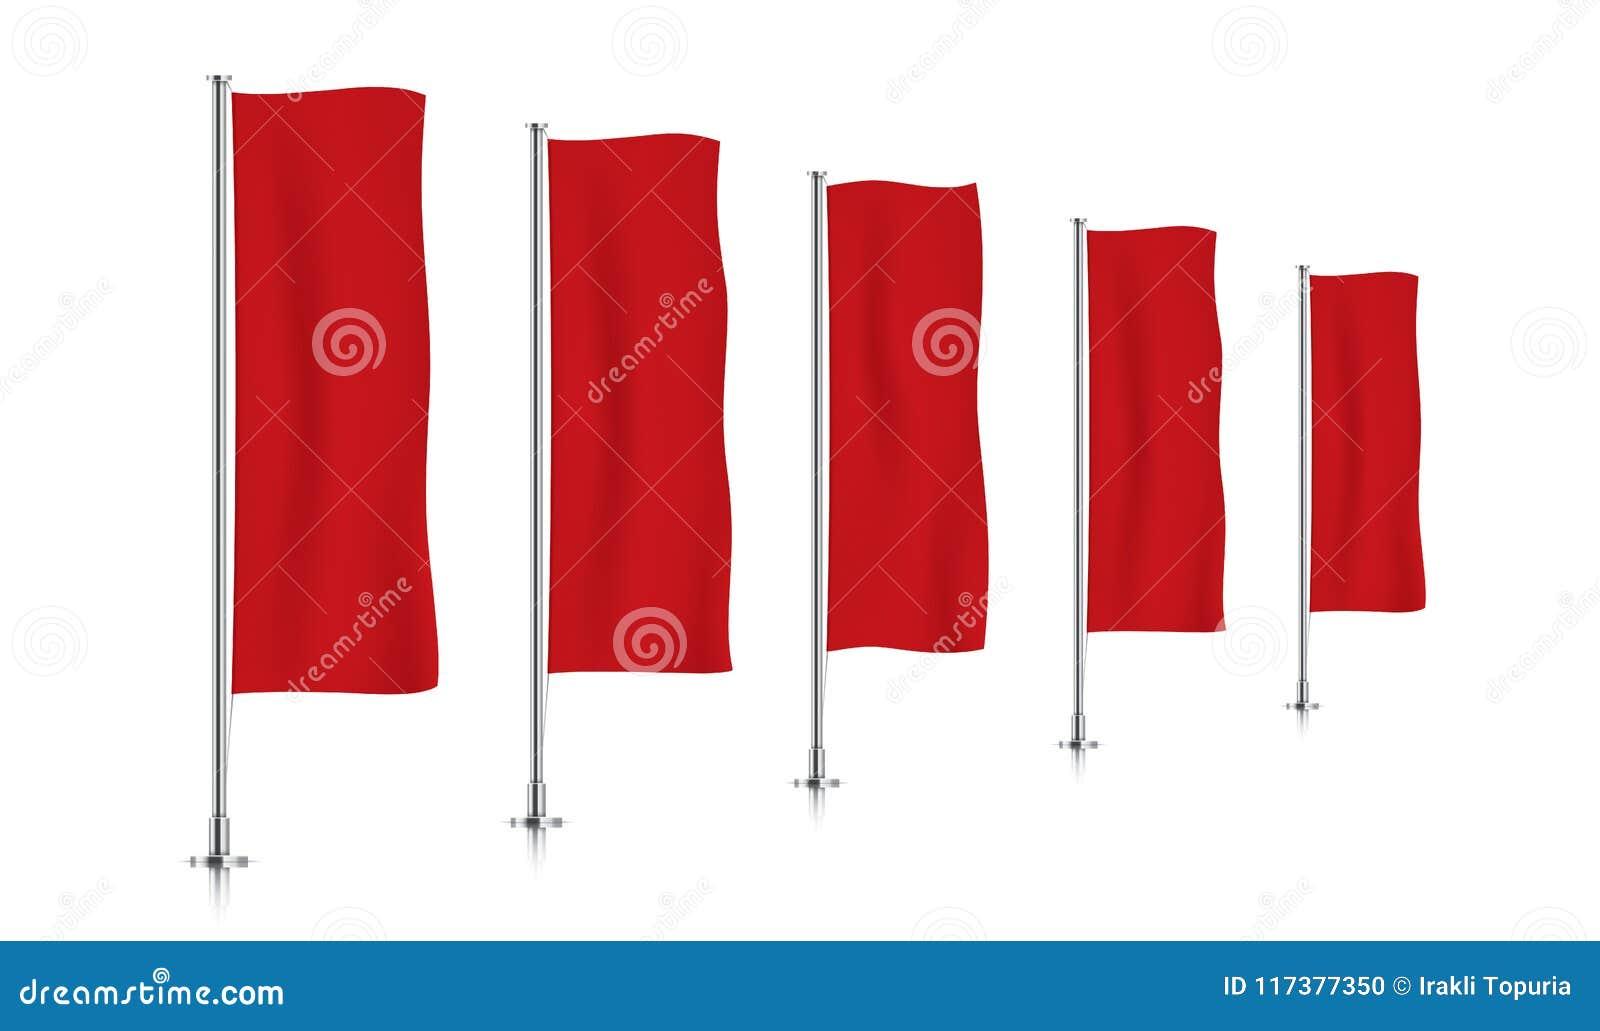 Rij van rode verticale bannervlaggen